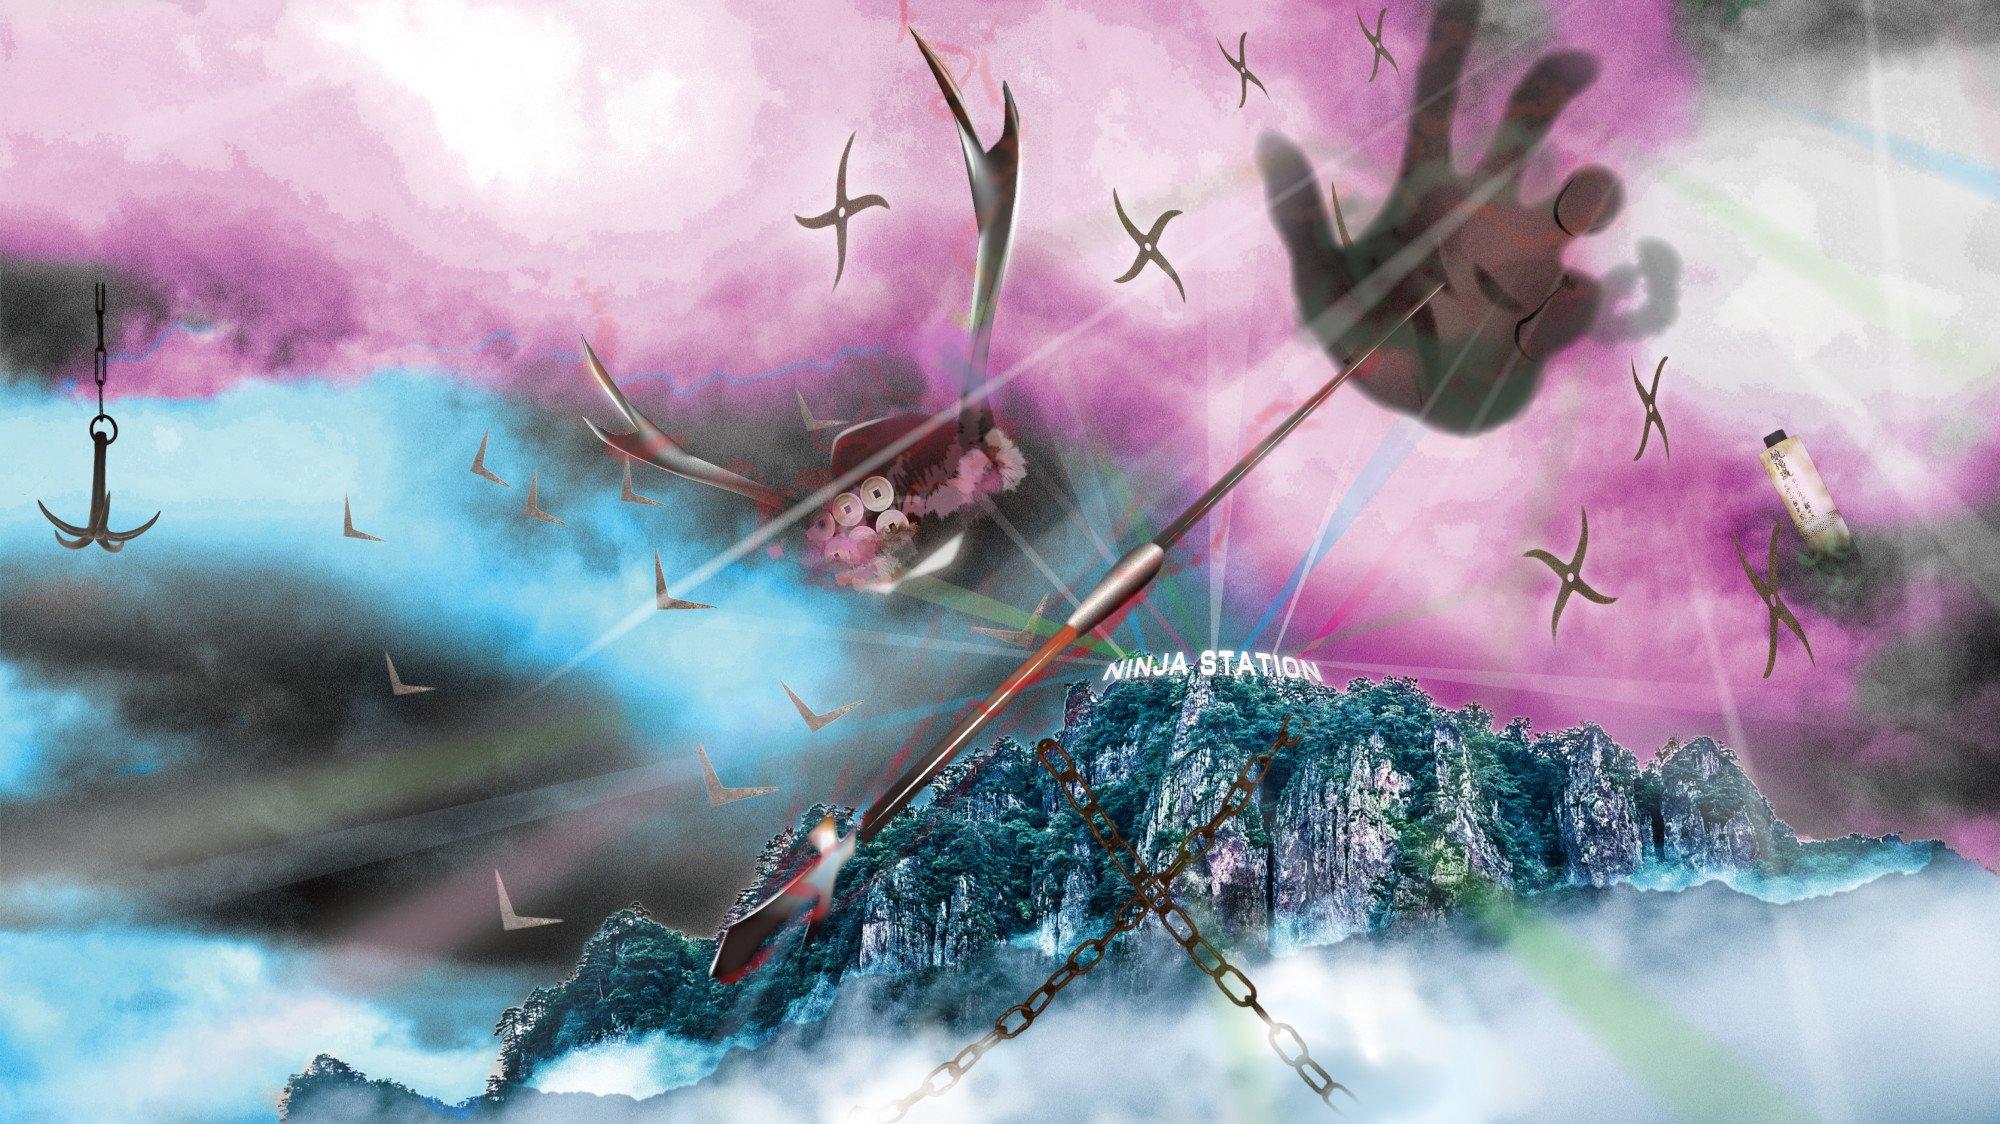 【6月25日】岩櫃真田忍者ミュージアム「にんぱく」子ども(小学生)のイメージその6